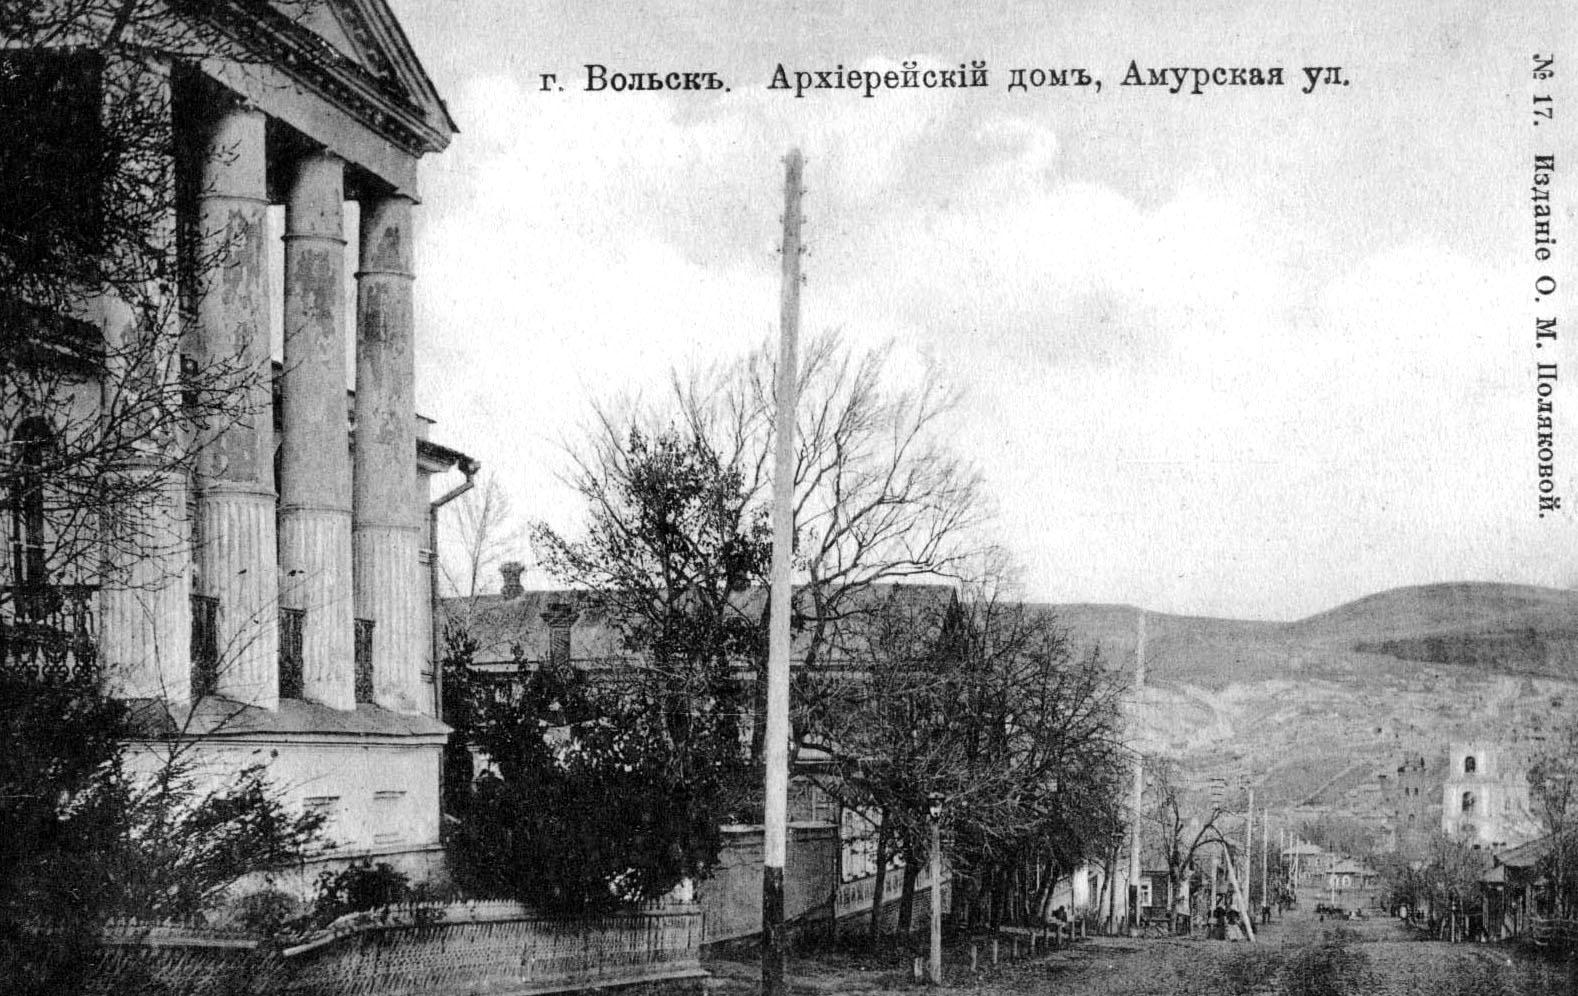 Архиерейский дом и Амурская улица